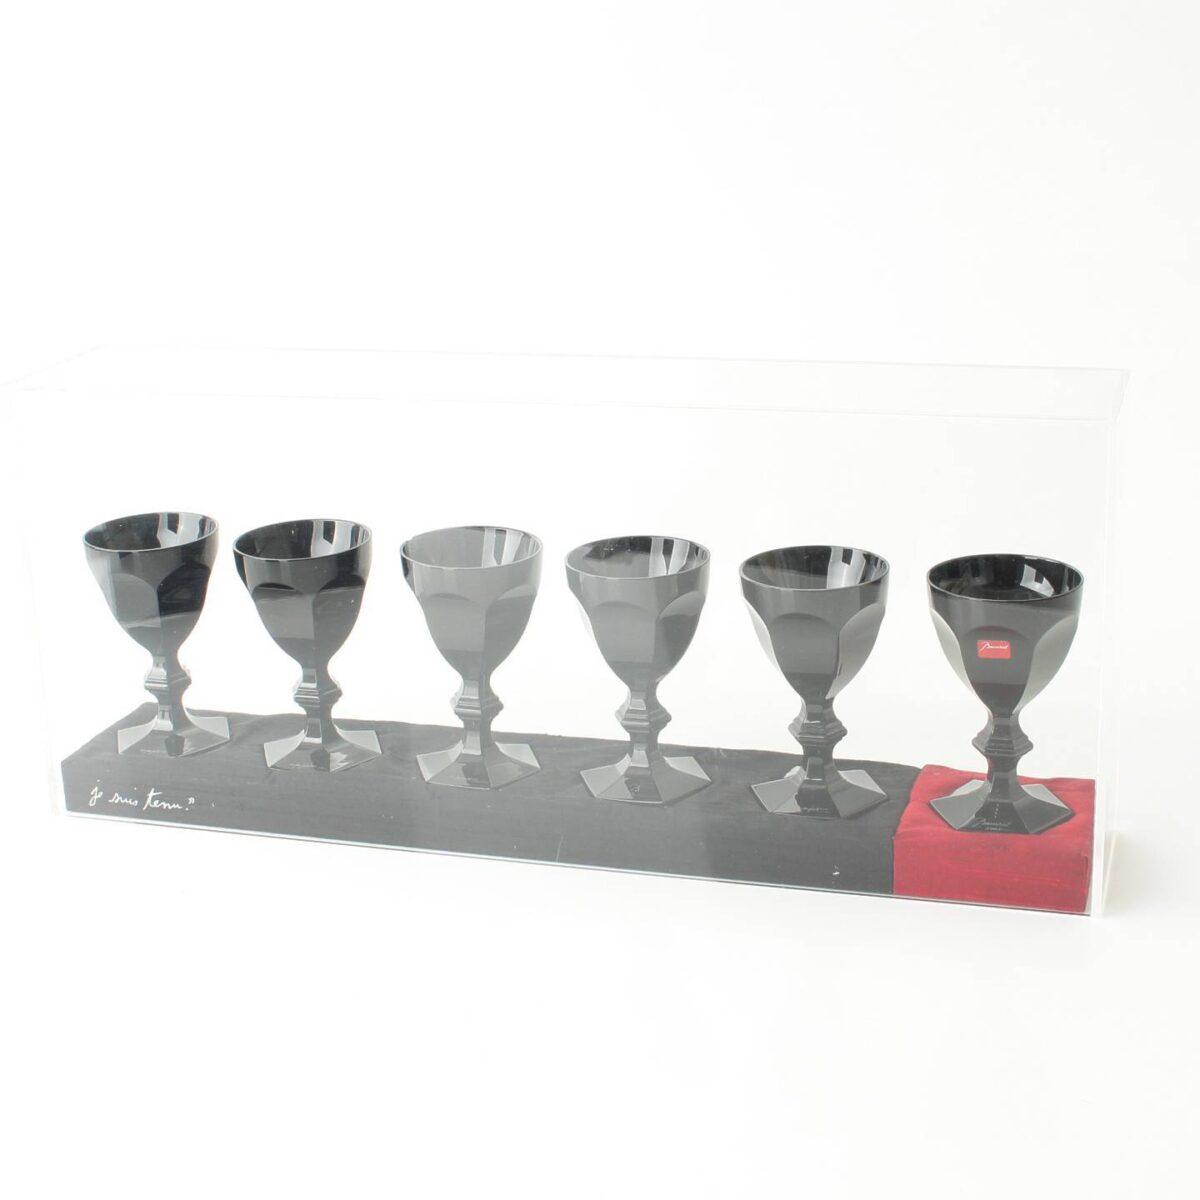 バカラ ワイングラス セット ダークサイド アンパルフェ 6客セット ブラック